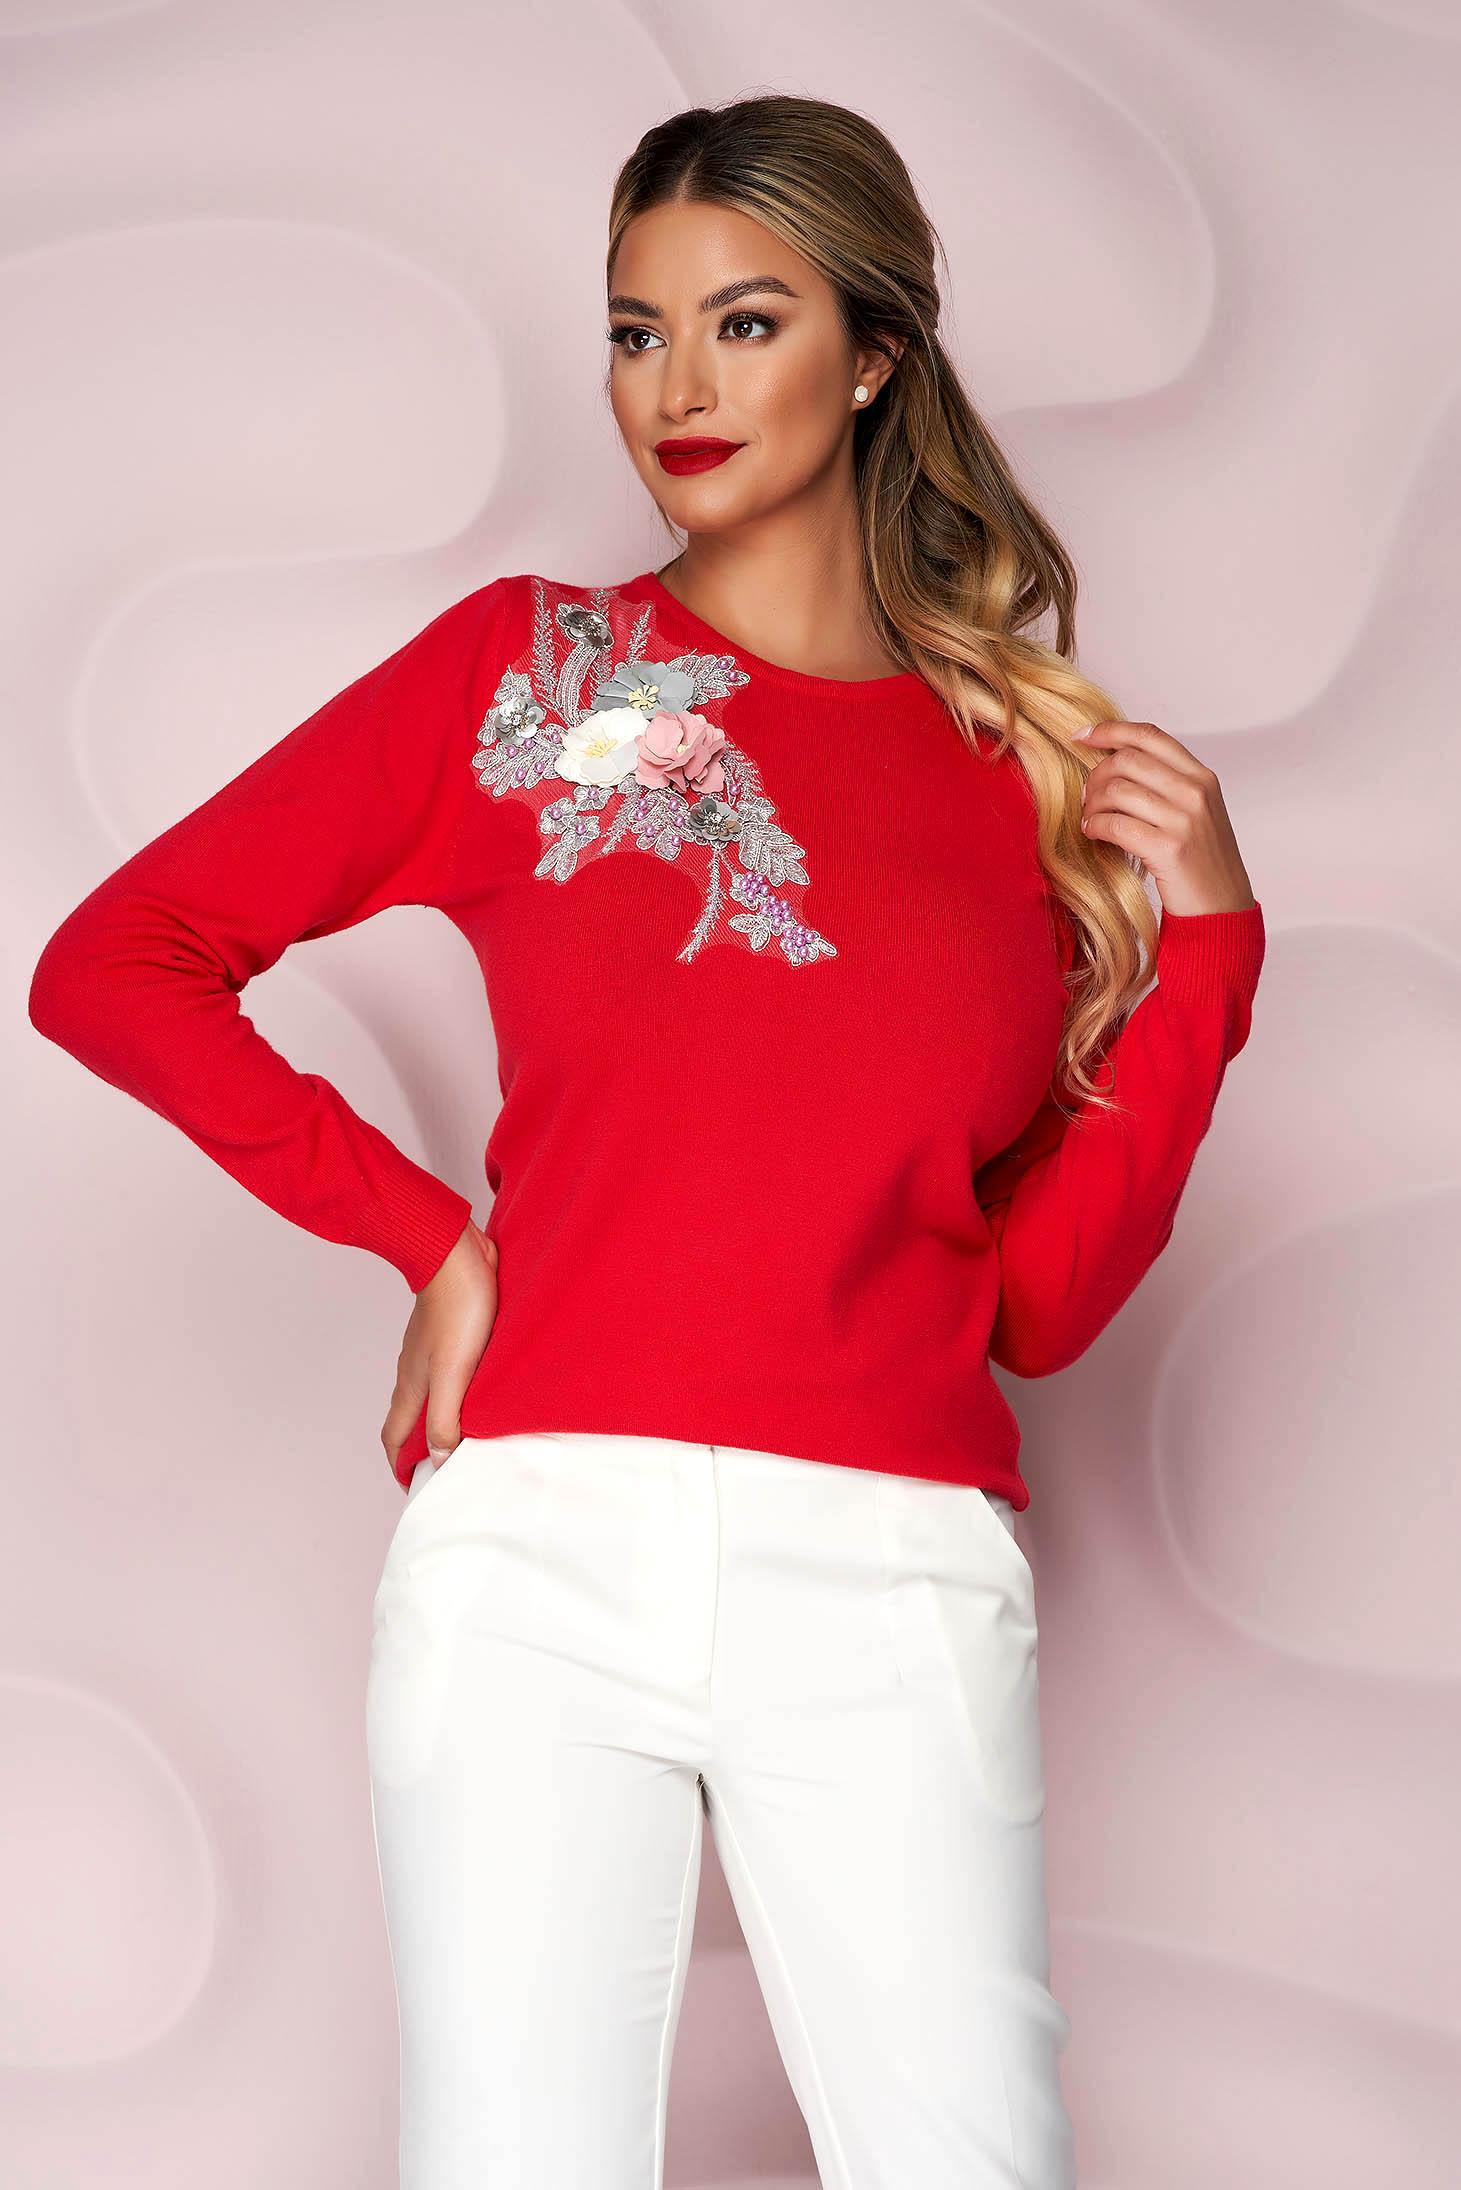 Pulover Lady Pandora rosu tricotat cu croi larg cu flori in relief cu efect 3d